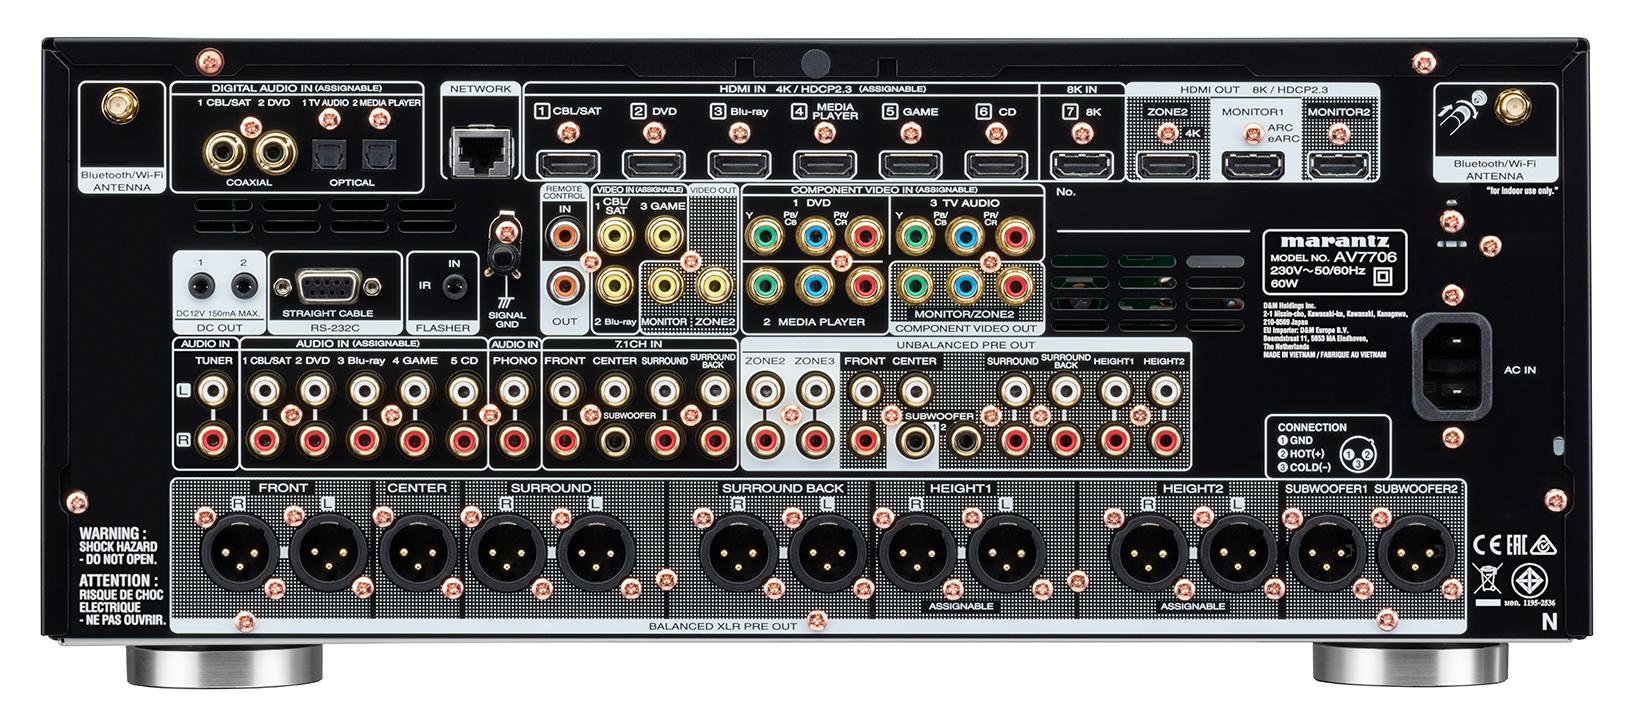 Marantz AV7706 11.2Ch 8K Ultra HD Atmos Network AV Preamplifier 1870_Mz_AV7706_Rear-Image-1626w_EU